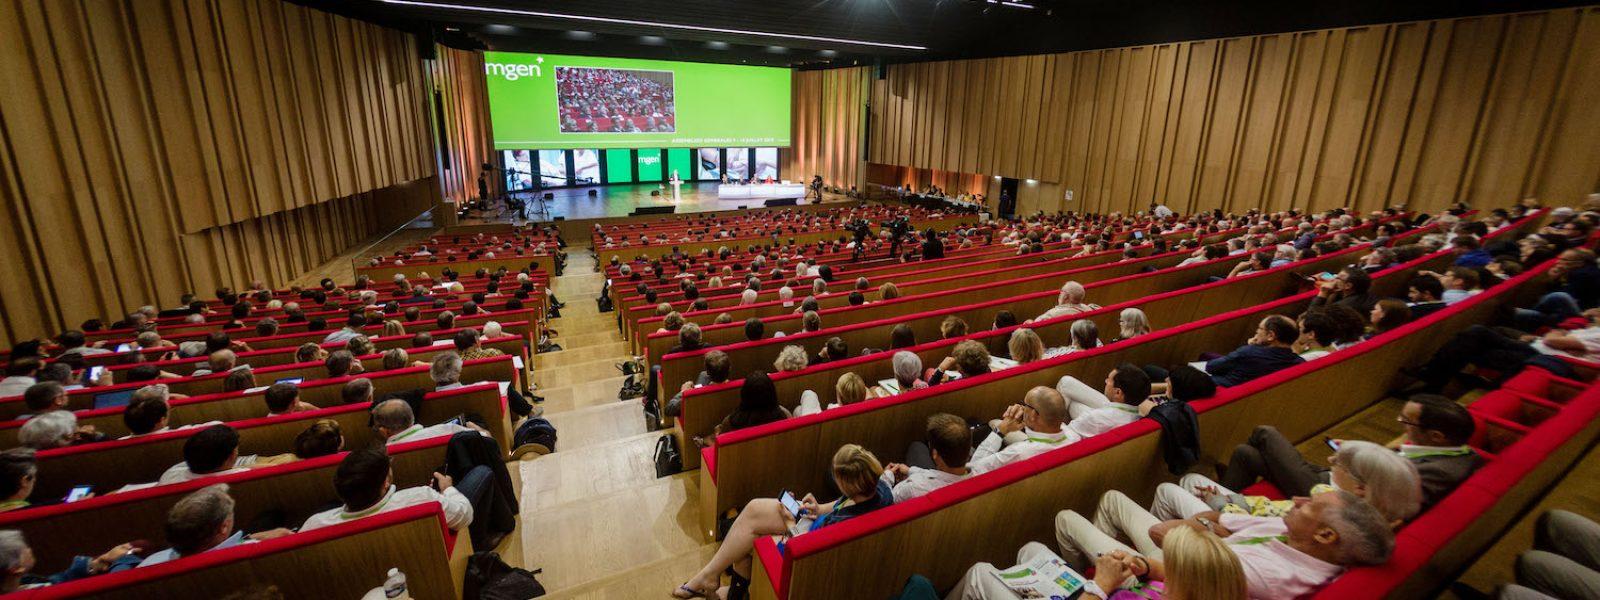 AG MGEN au Couvent des Jacobins à Rennes